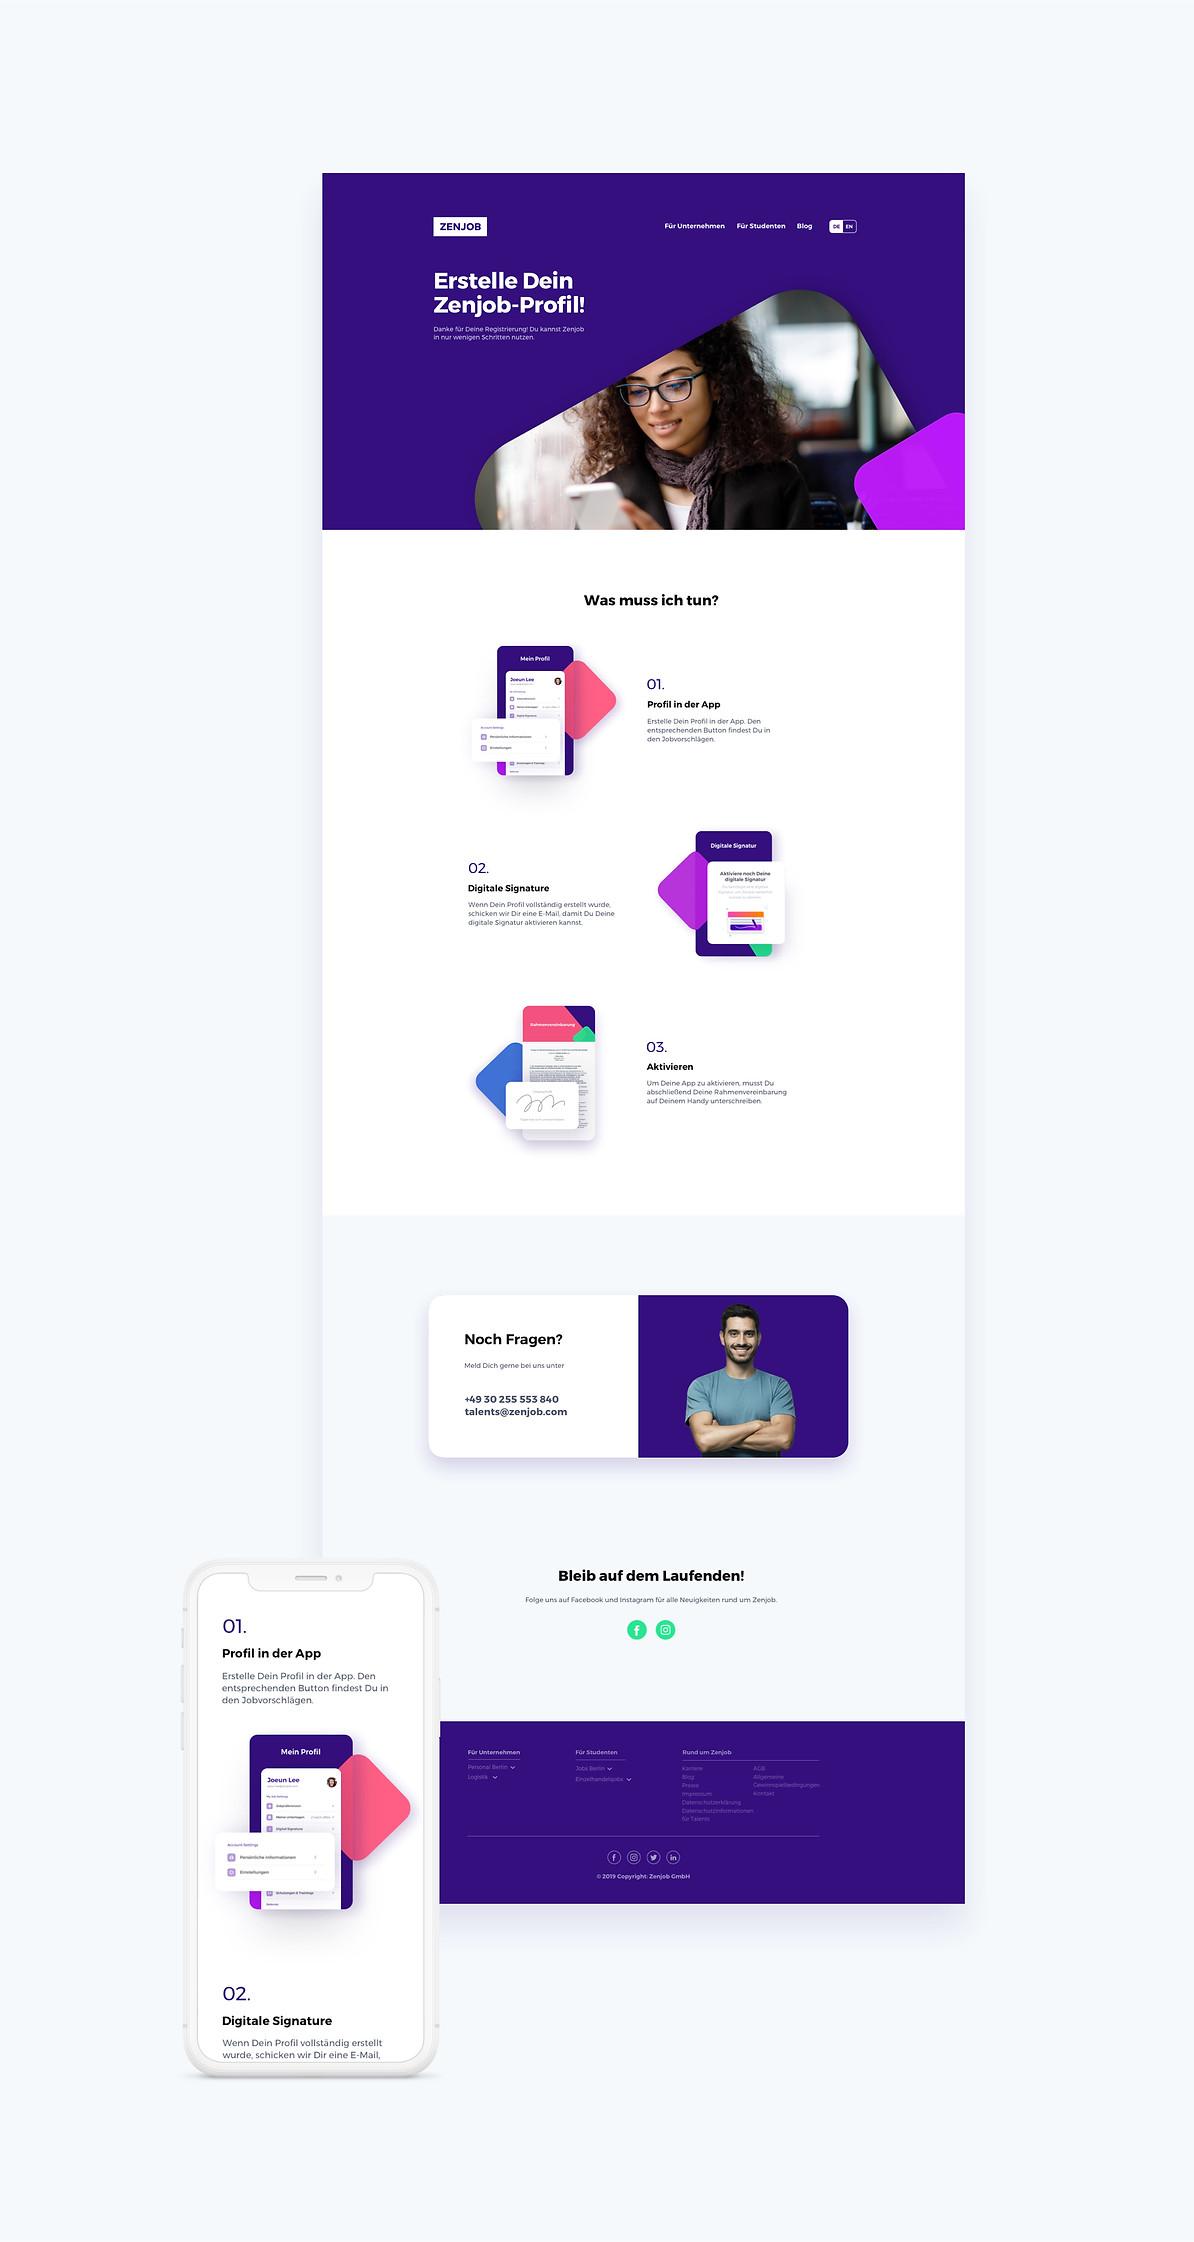 zenjob_Website_Design_UX_UI-2.jpg